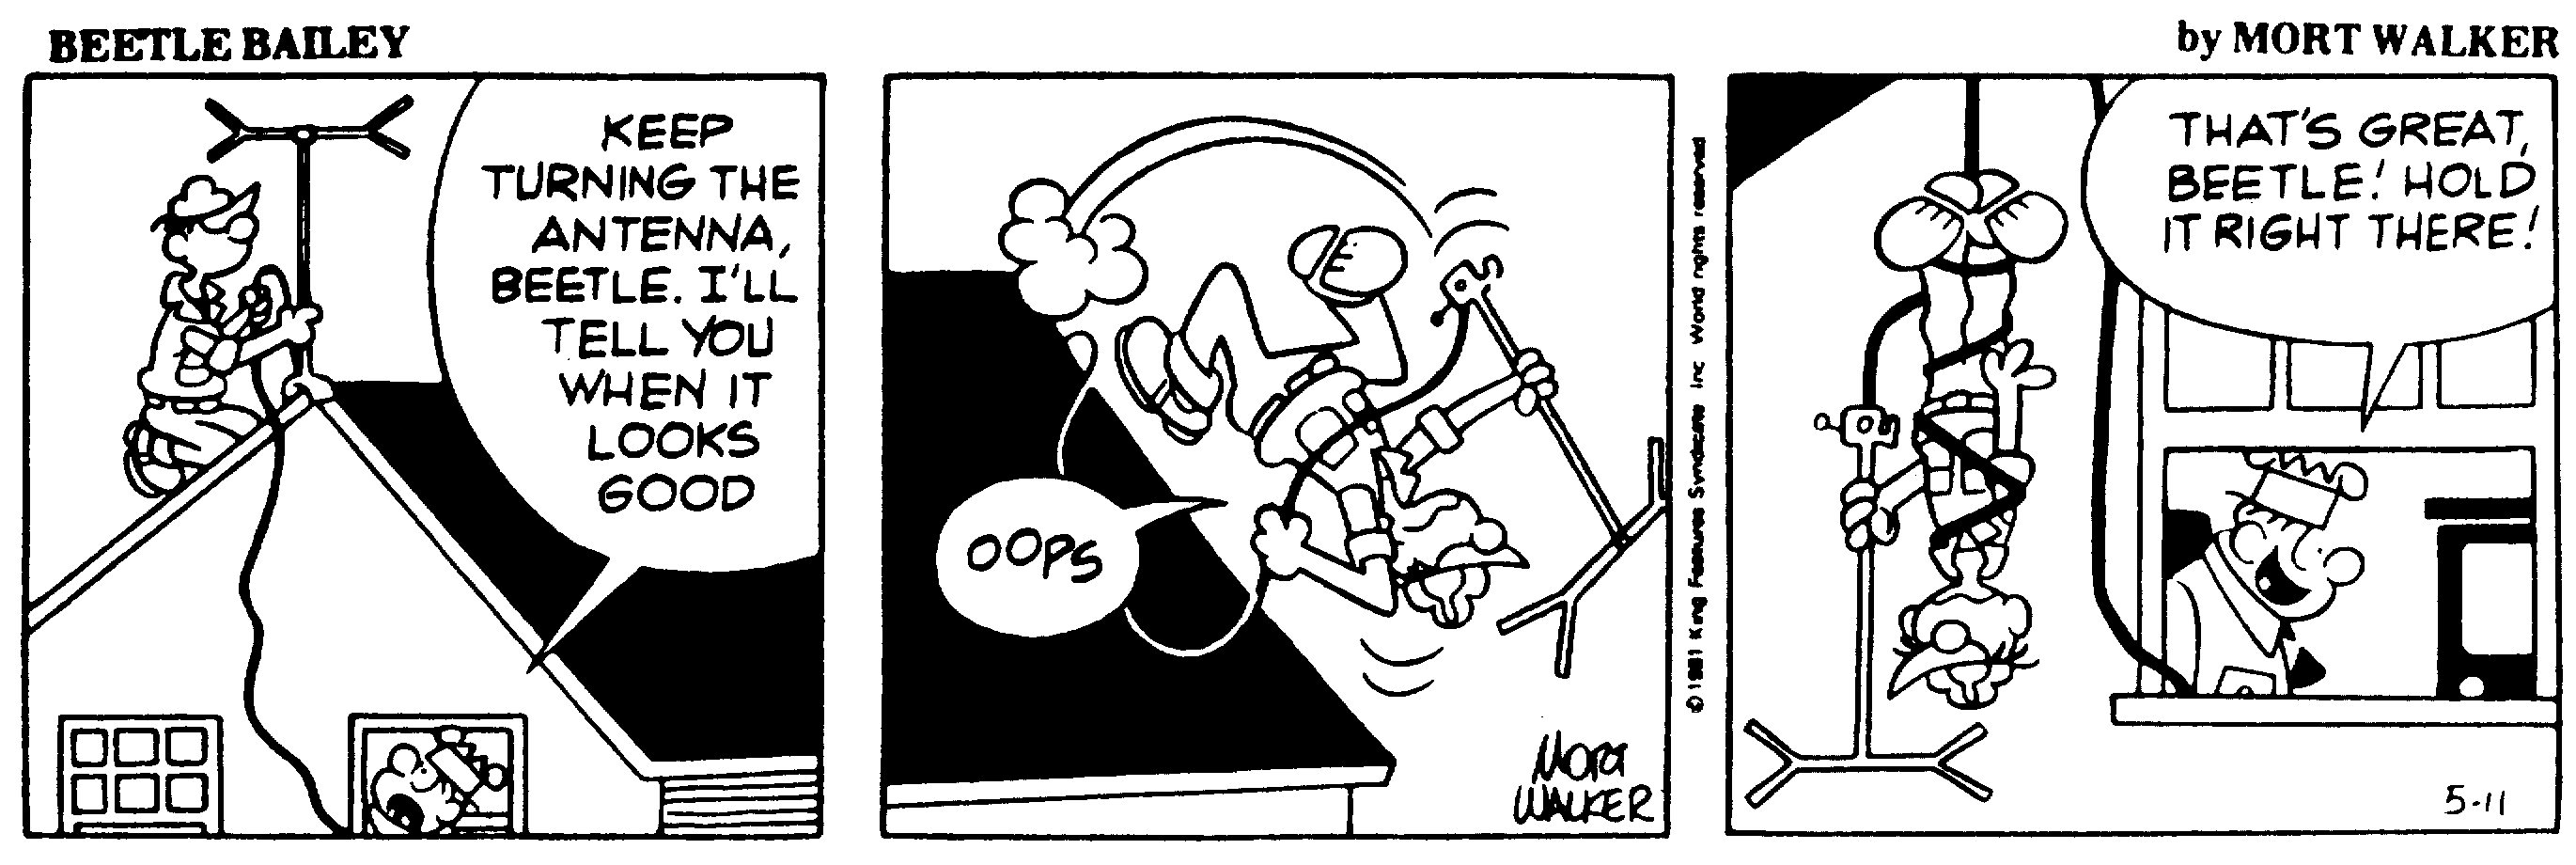 Эмулятор RFID - 15